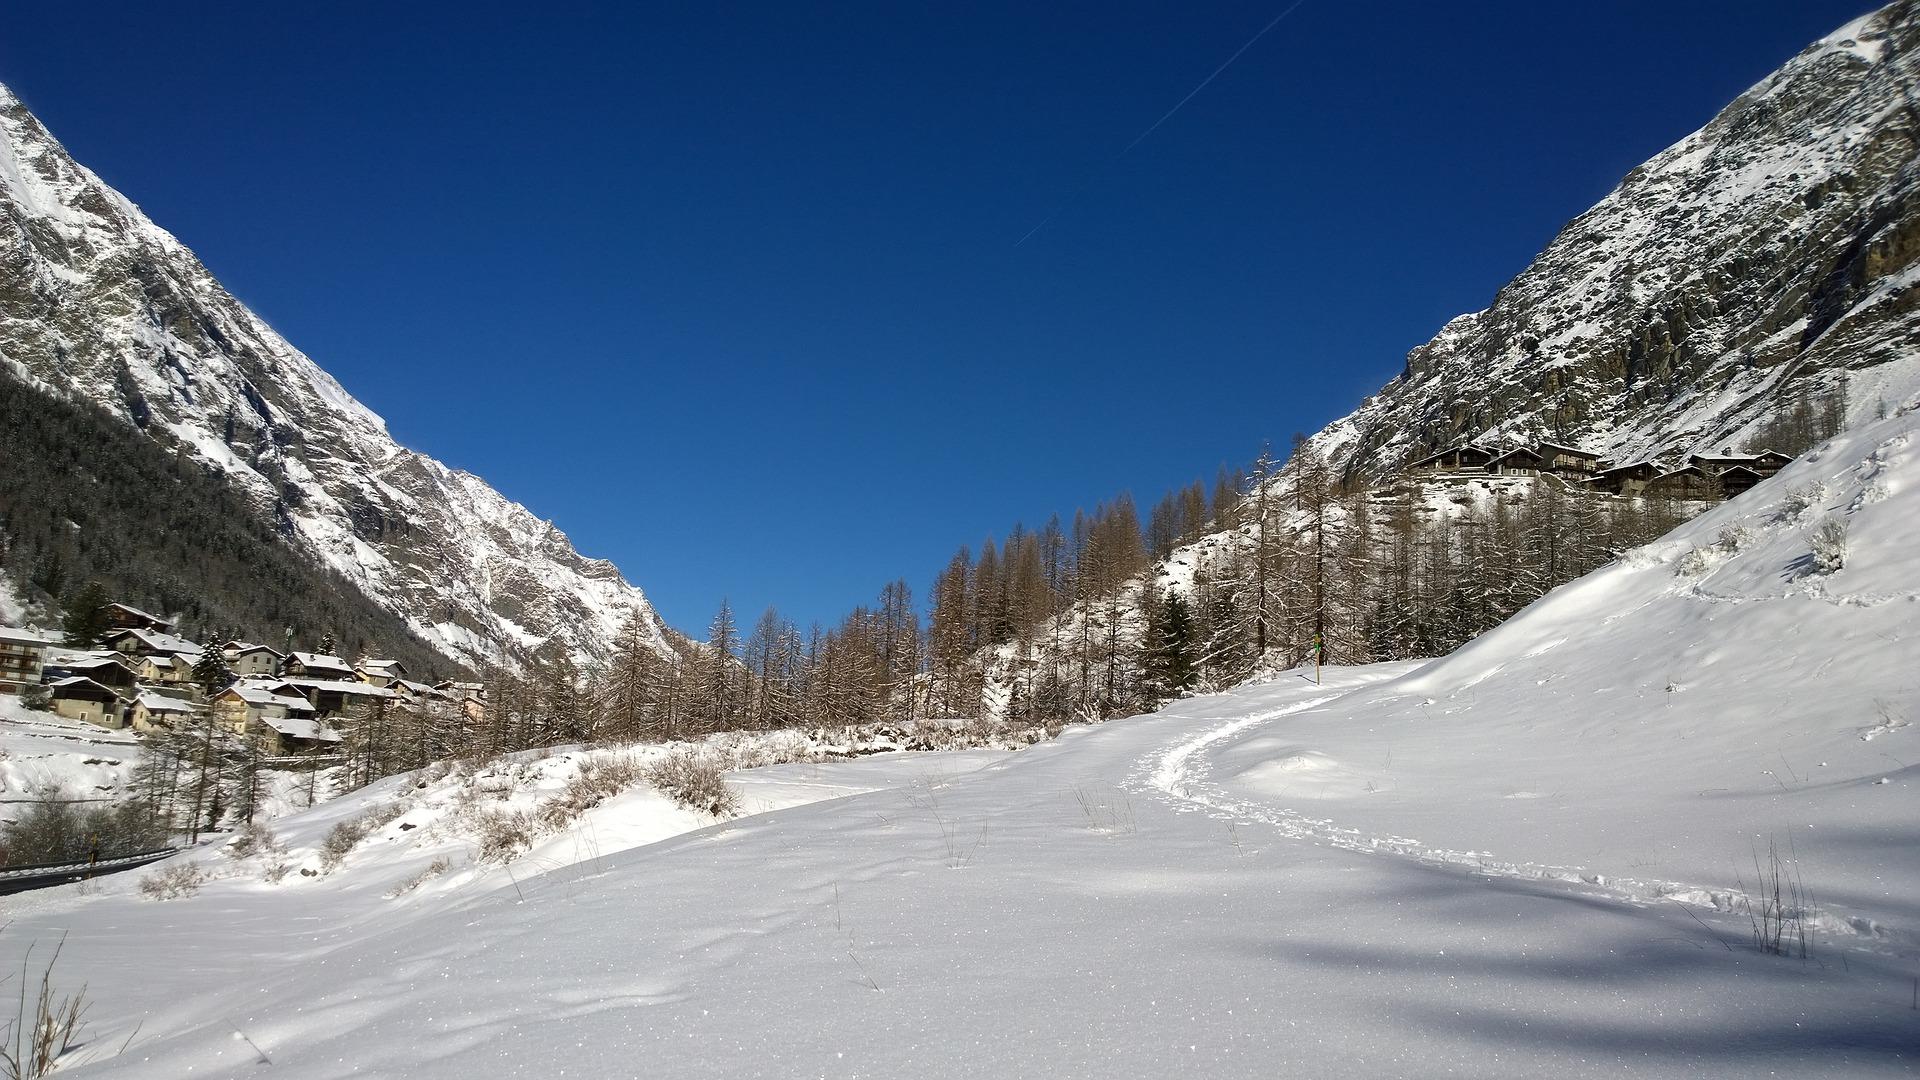 offerte last minute capodanno valle d'aosta